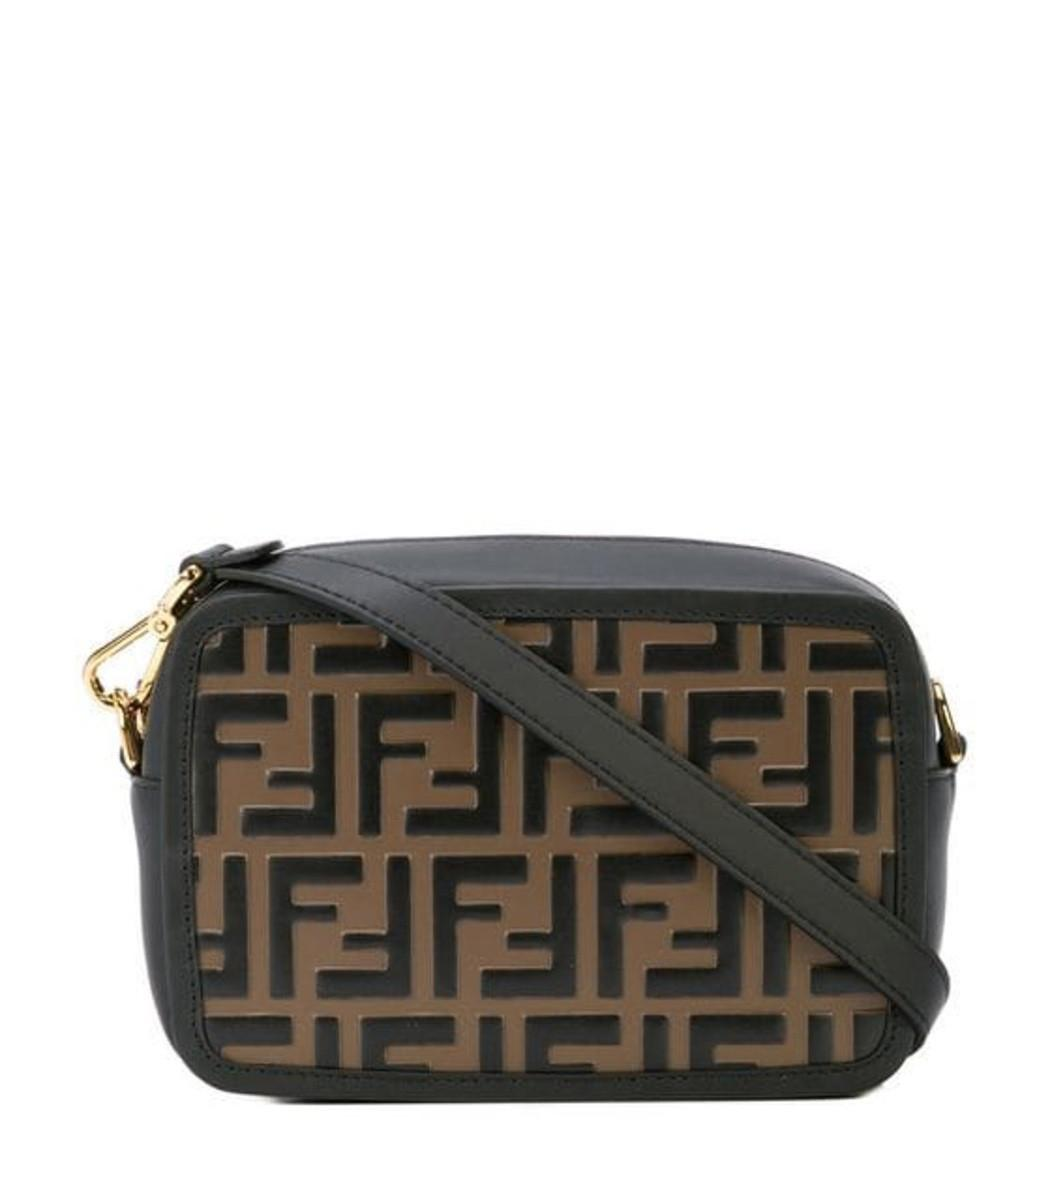 8a434a202dac Lyst - Fendi Brown Ff Mini Bag in Brown